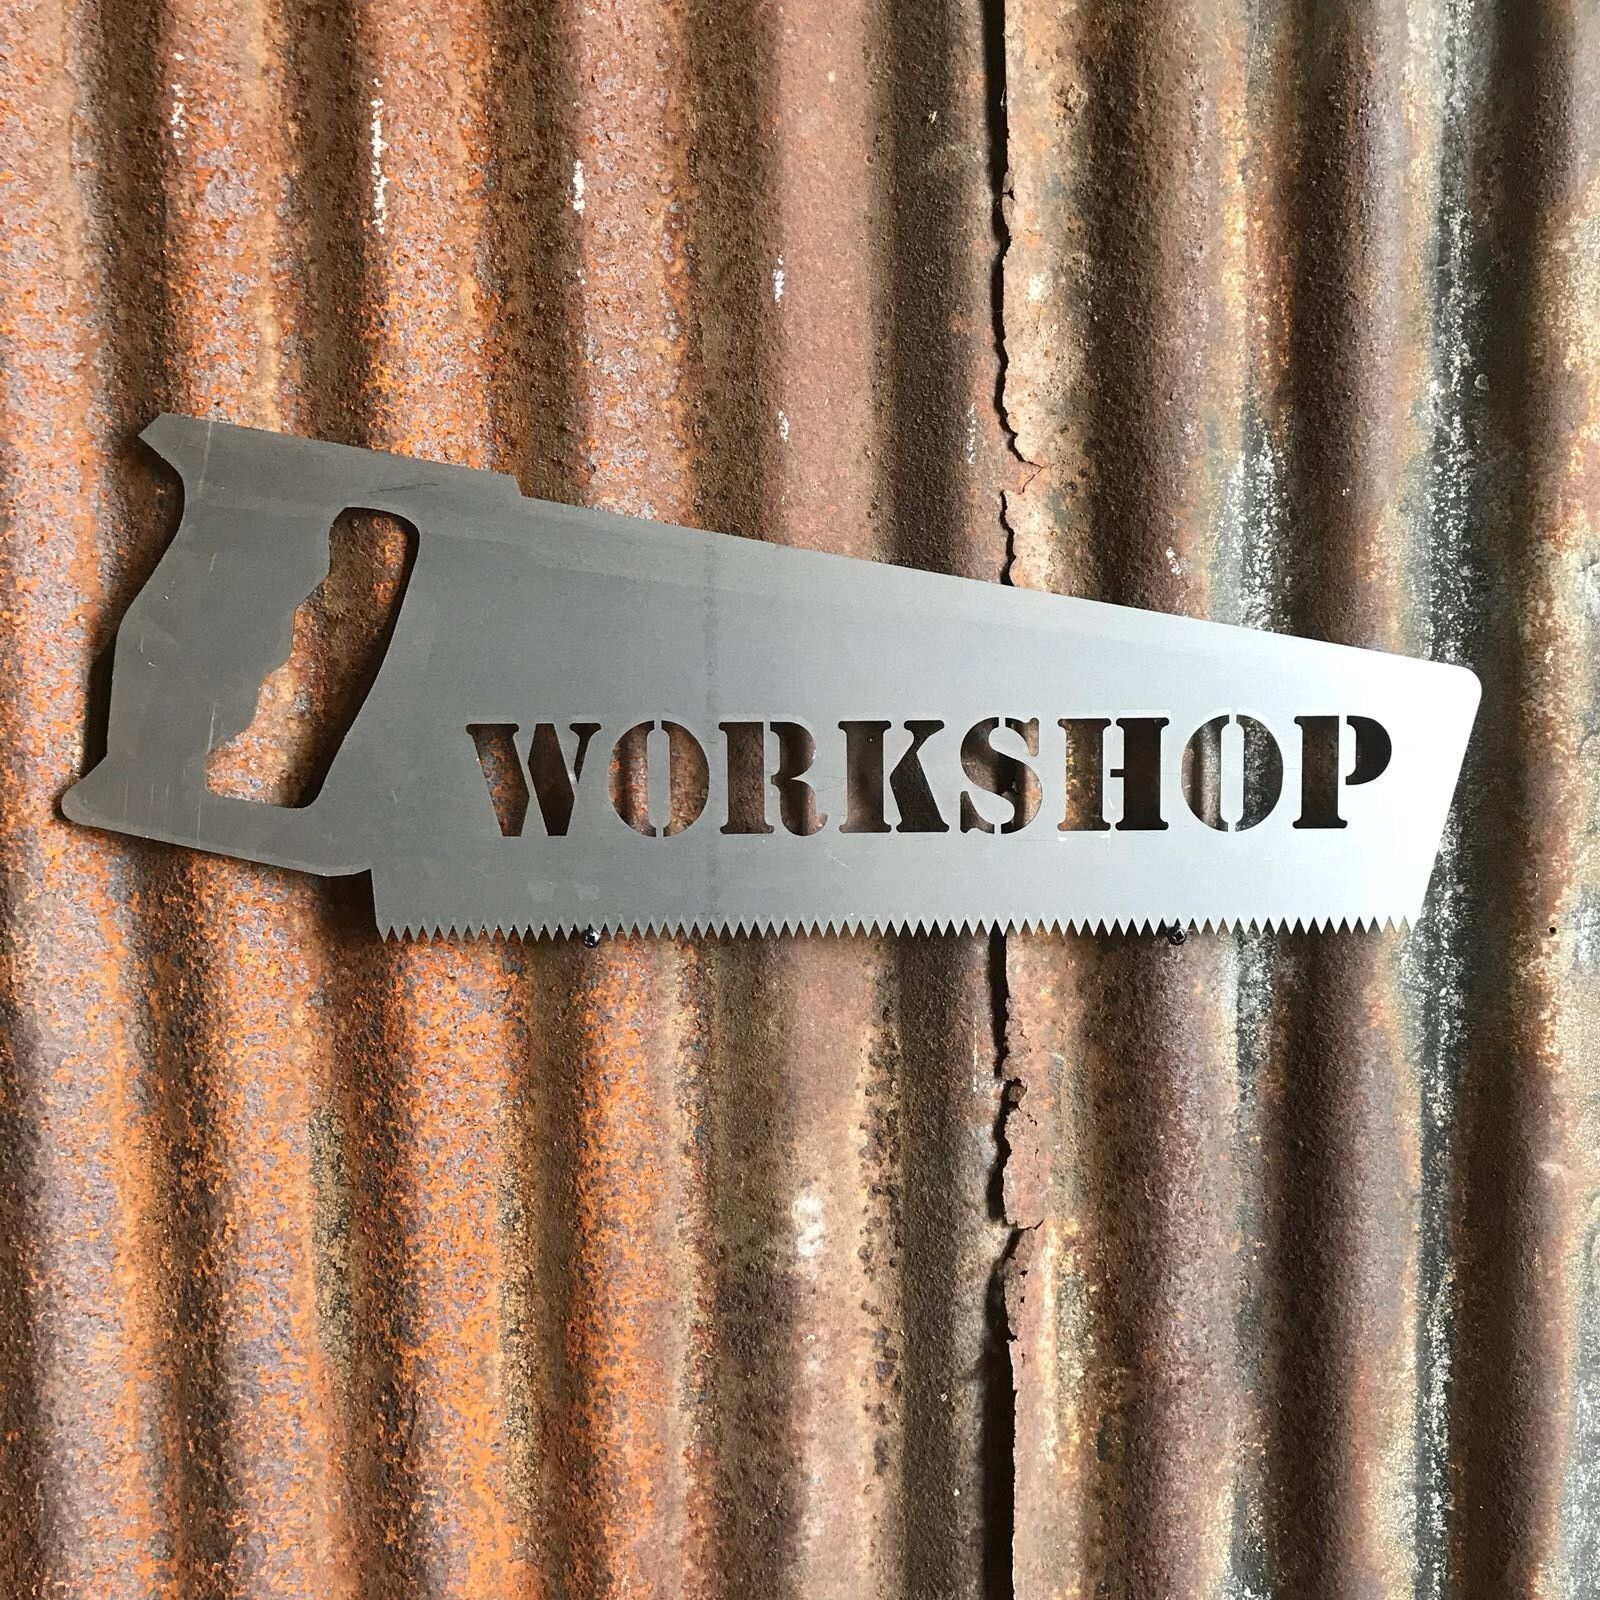 Steel Workshop Saw Sign Metal Shop Front Home Garage Man Cave Pub Bar Shed Vinterior